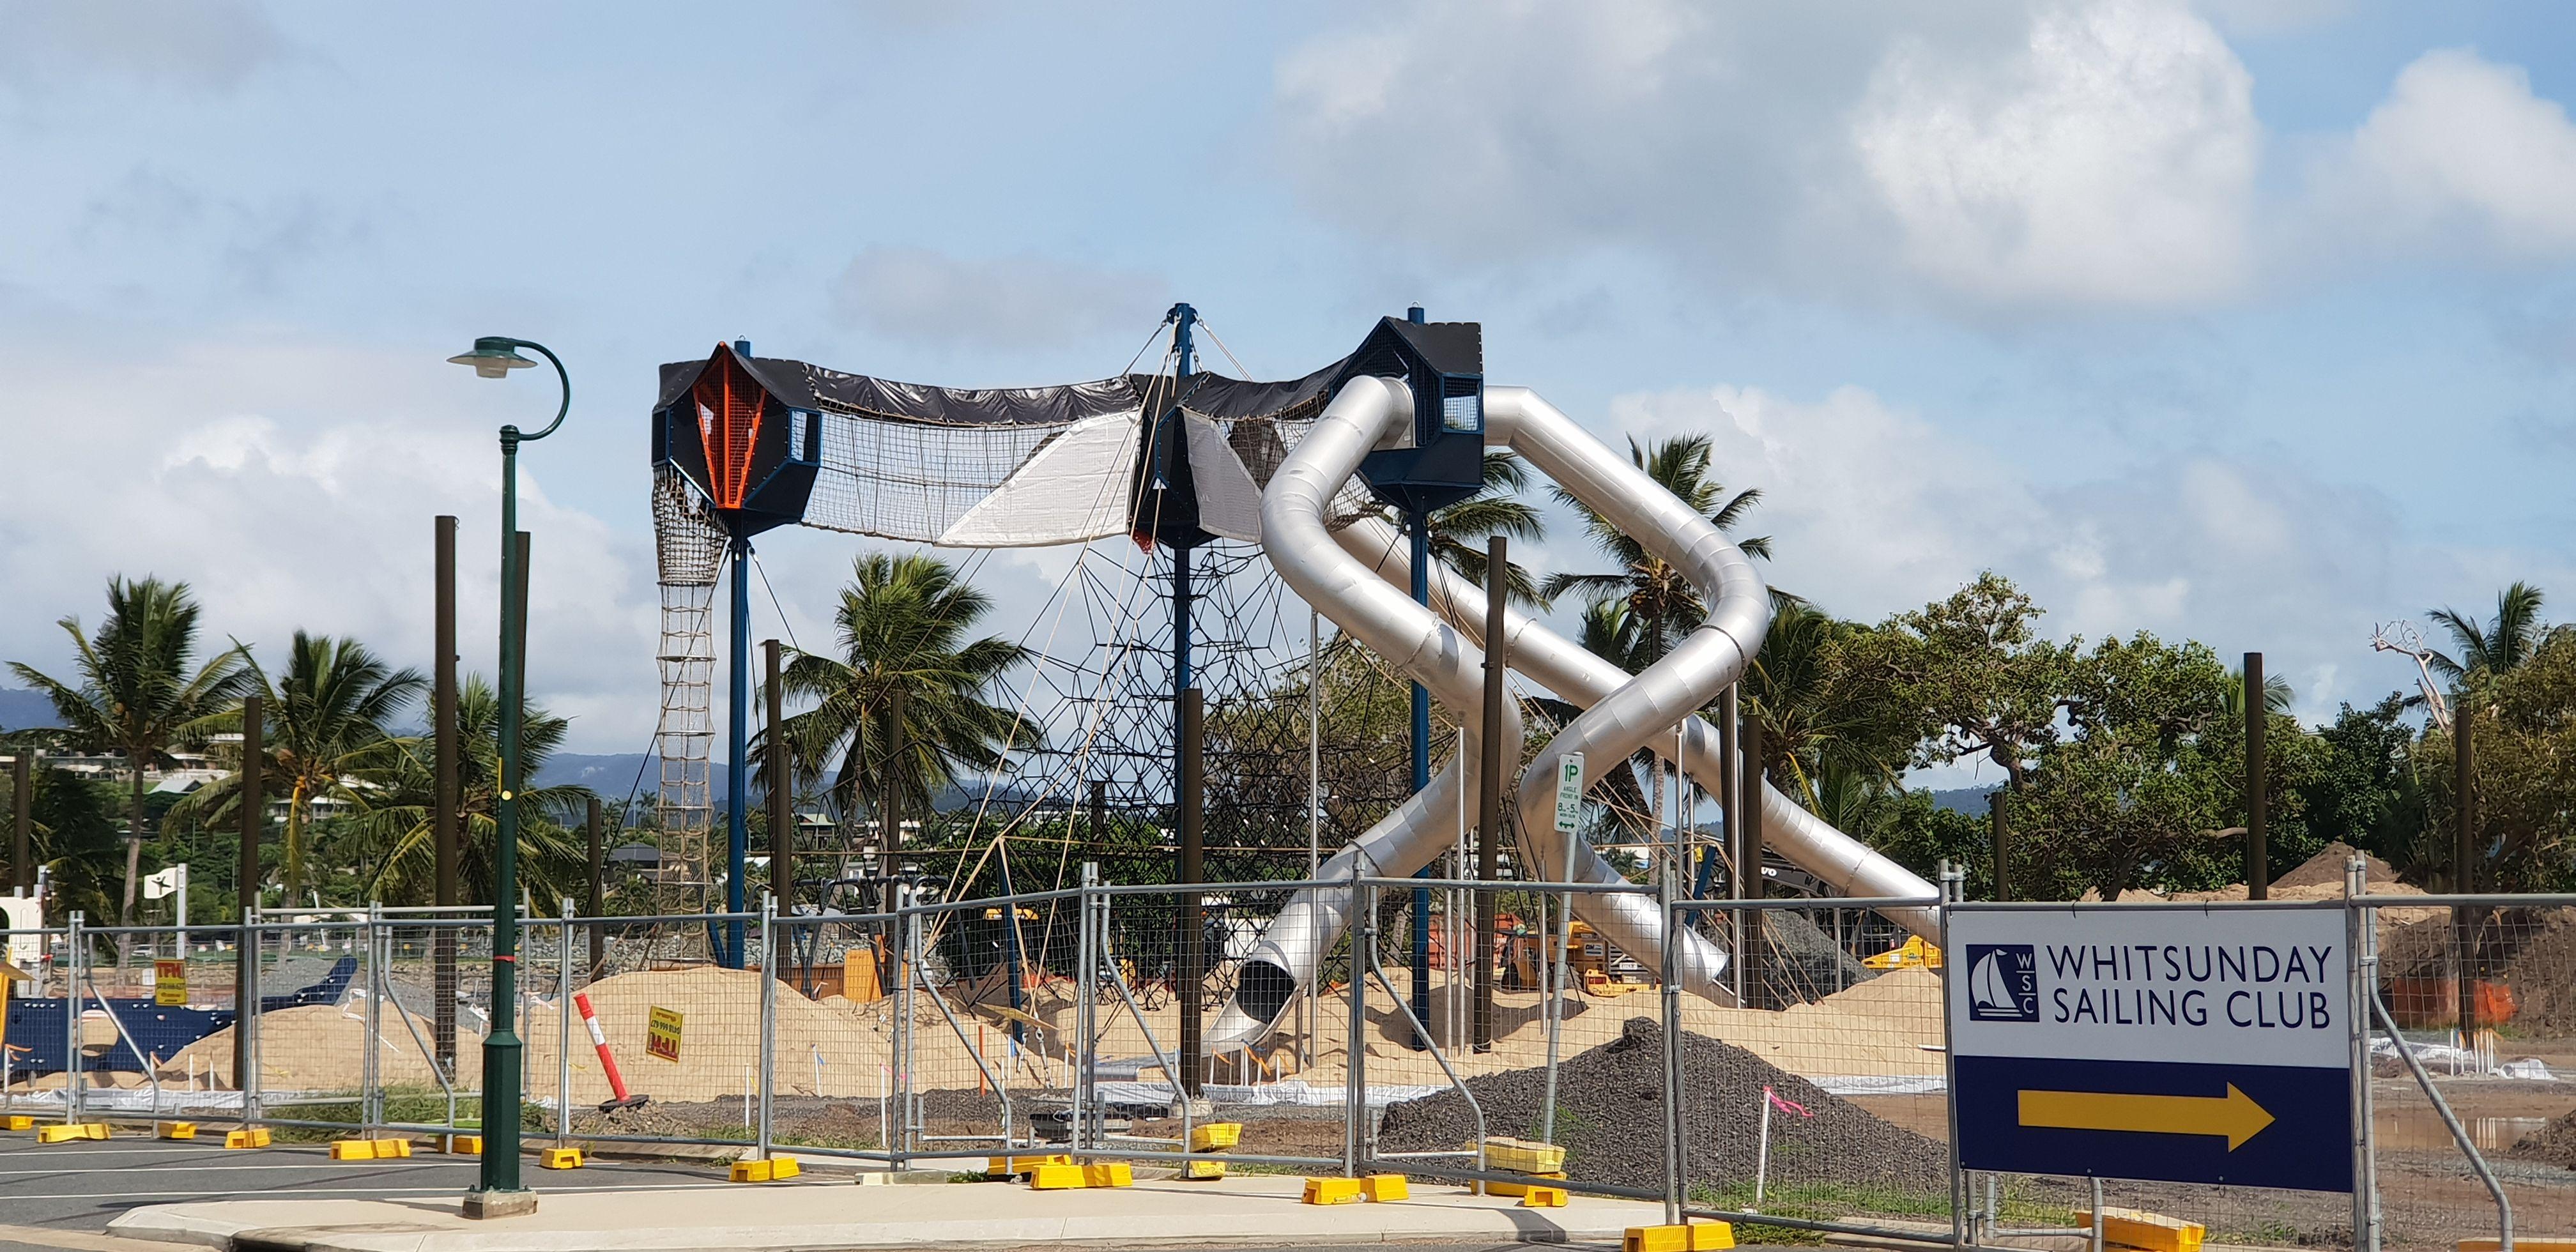 Playground Parking Airlie Beach